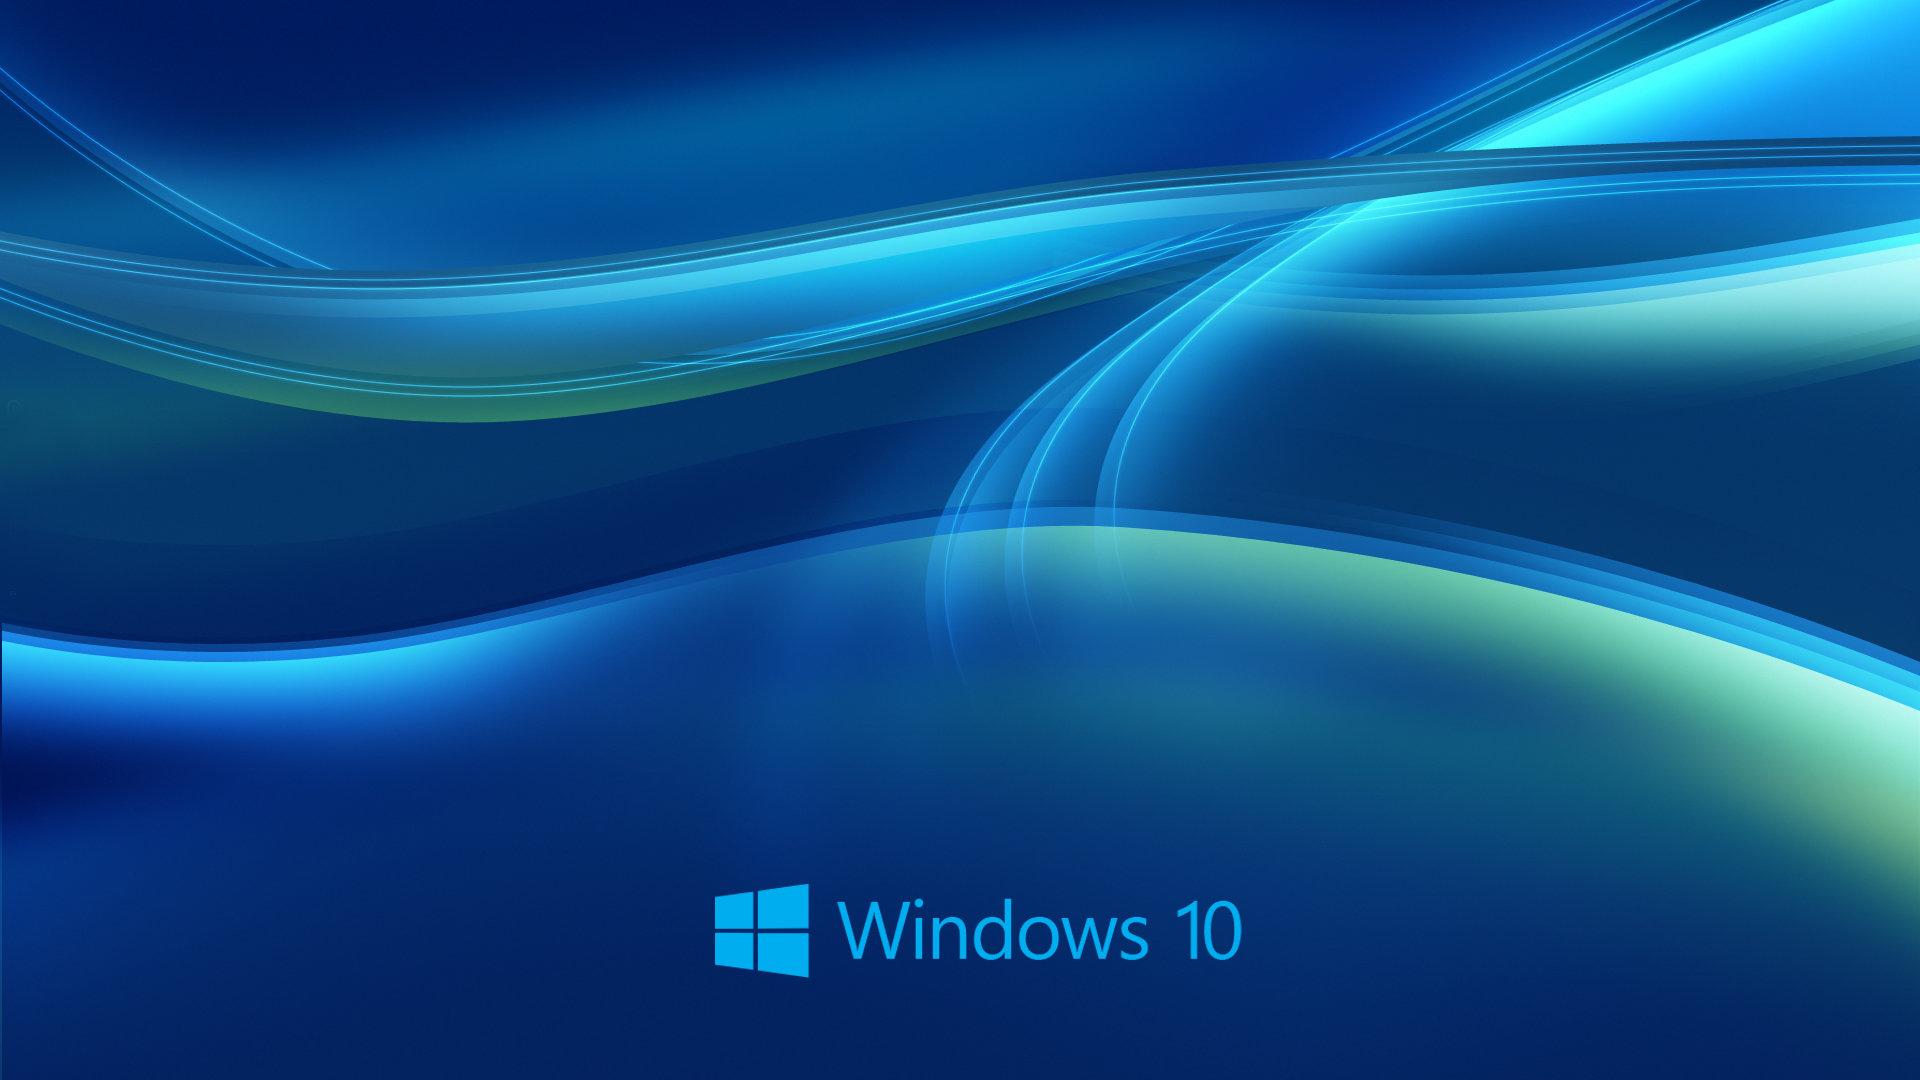 Windows 10 輔助技術免費升級計畫,將於年底正式終止